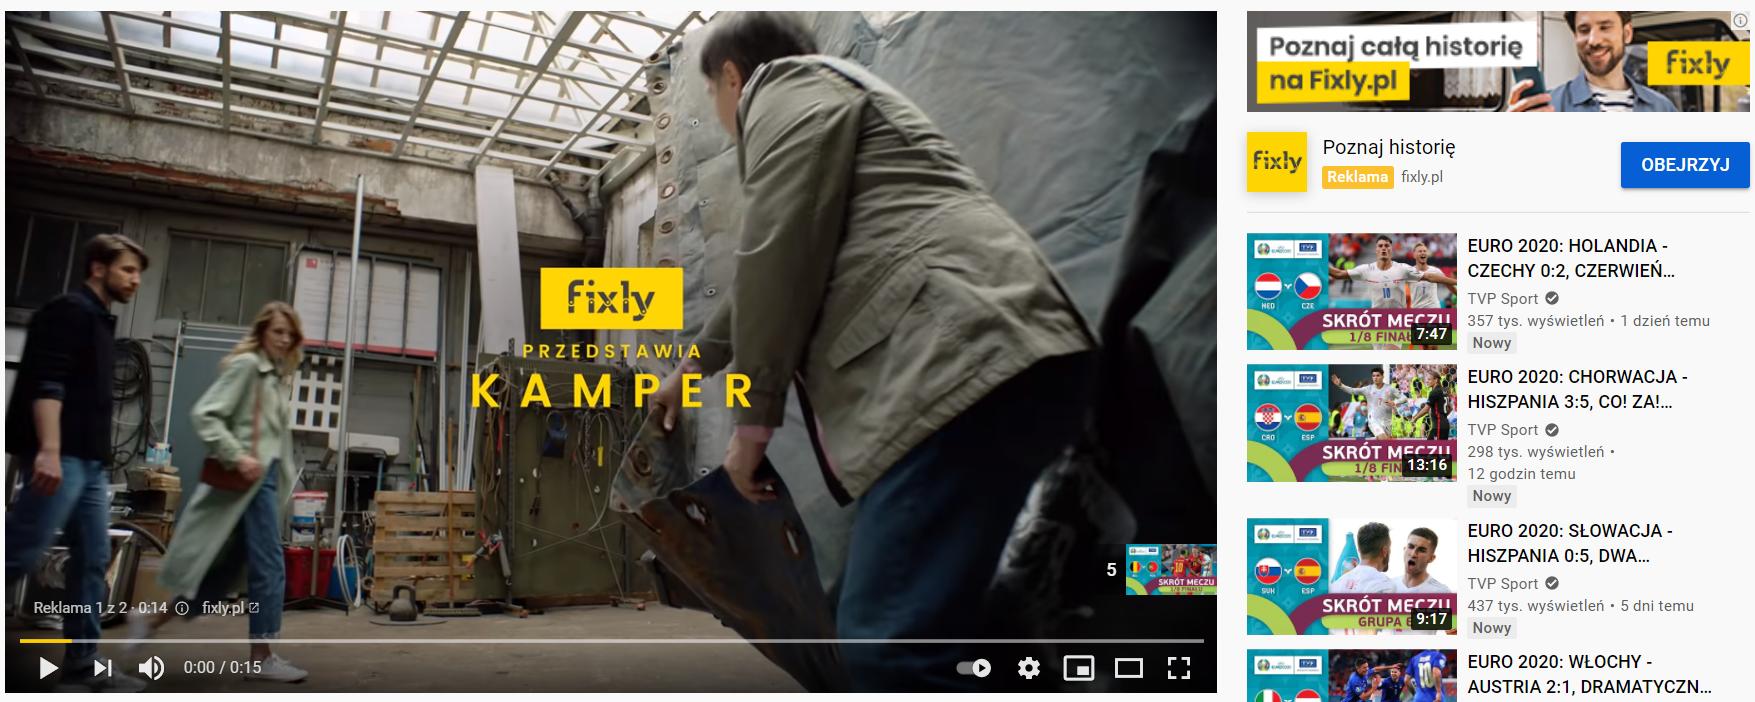 Przykłady reklam Google Ads na Youtube